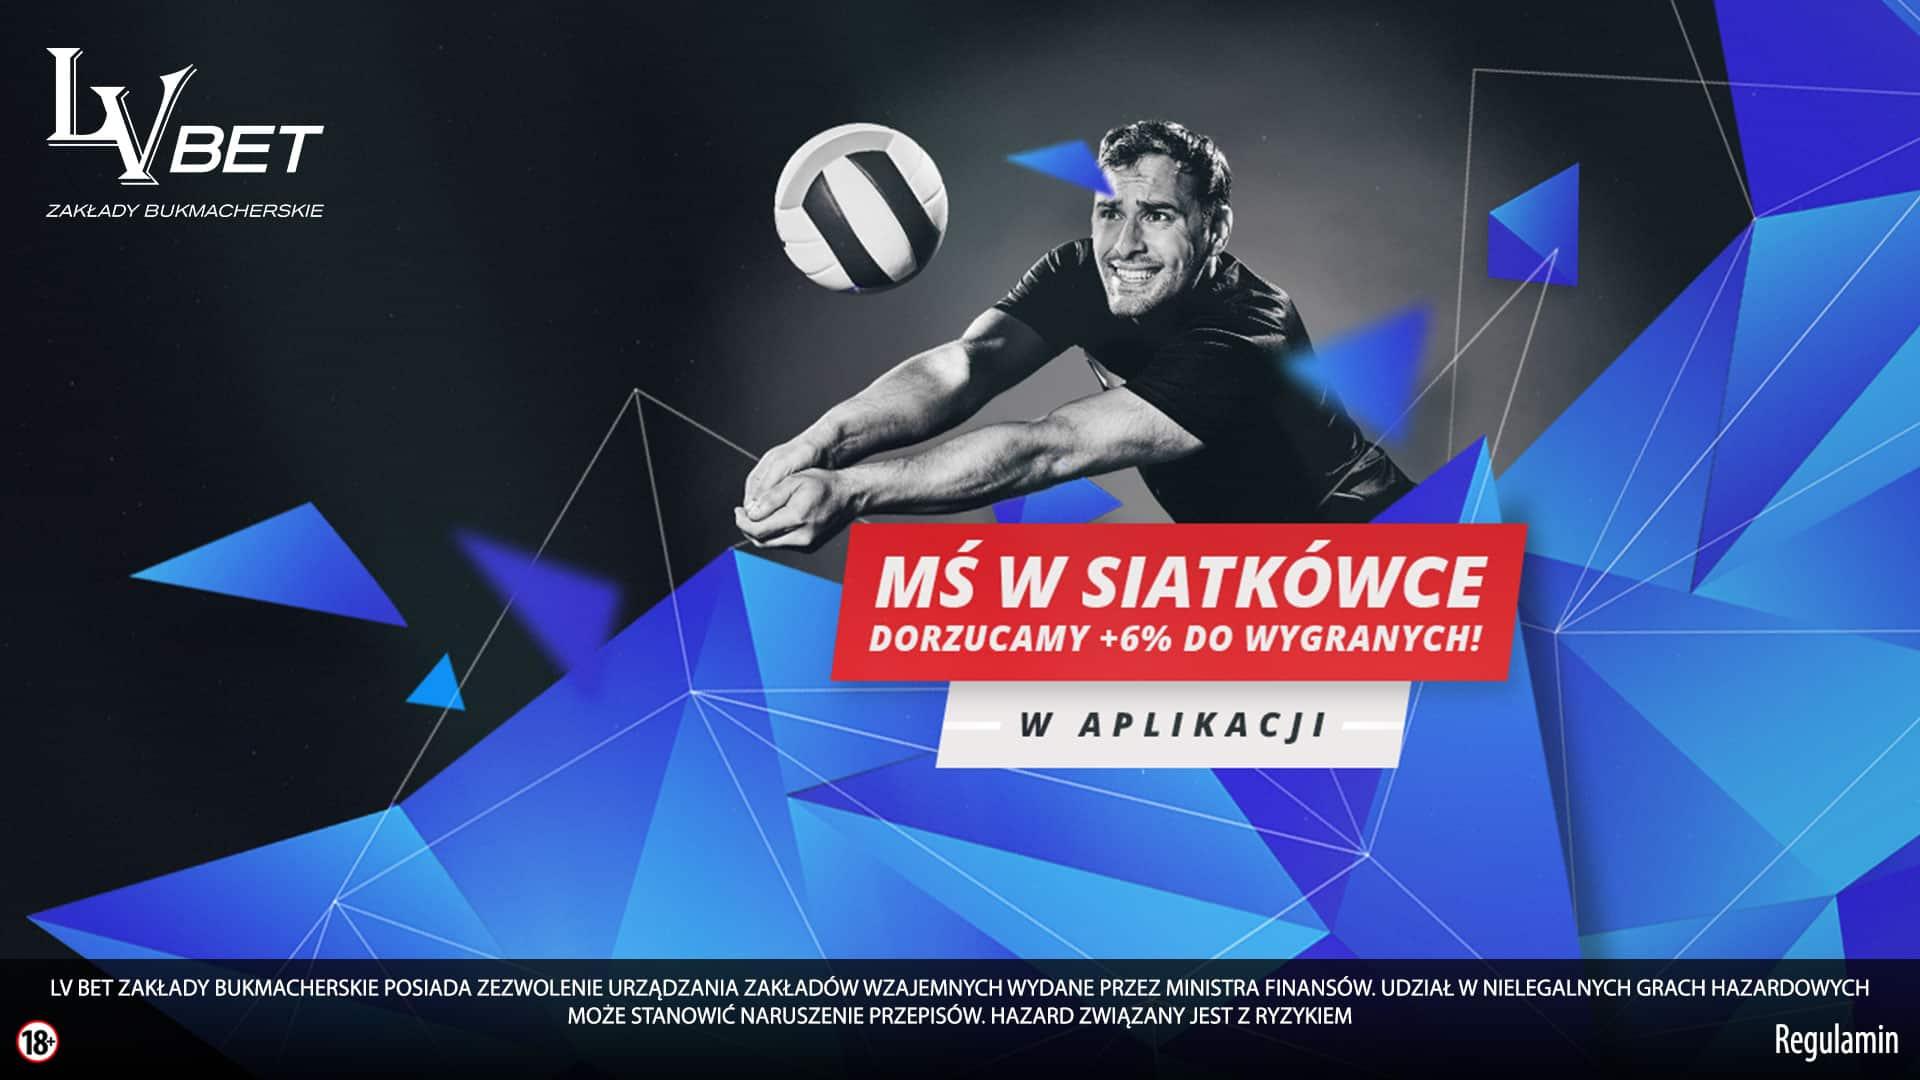 Photo of Siatkarskie MŚ 2018. Bonus w aplikacji LV BET!